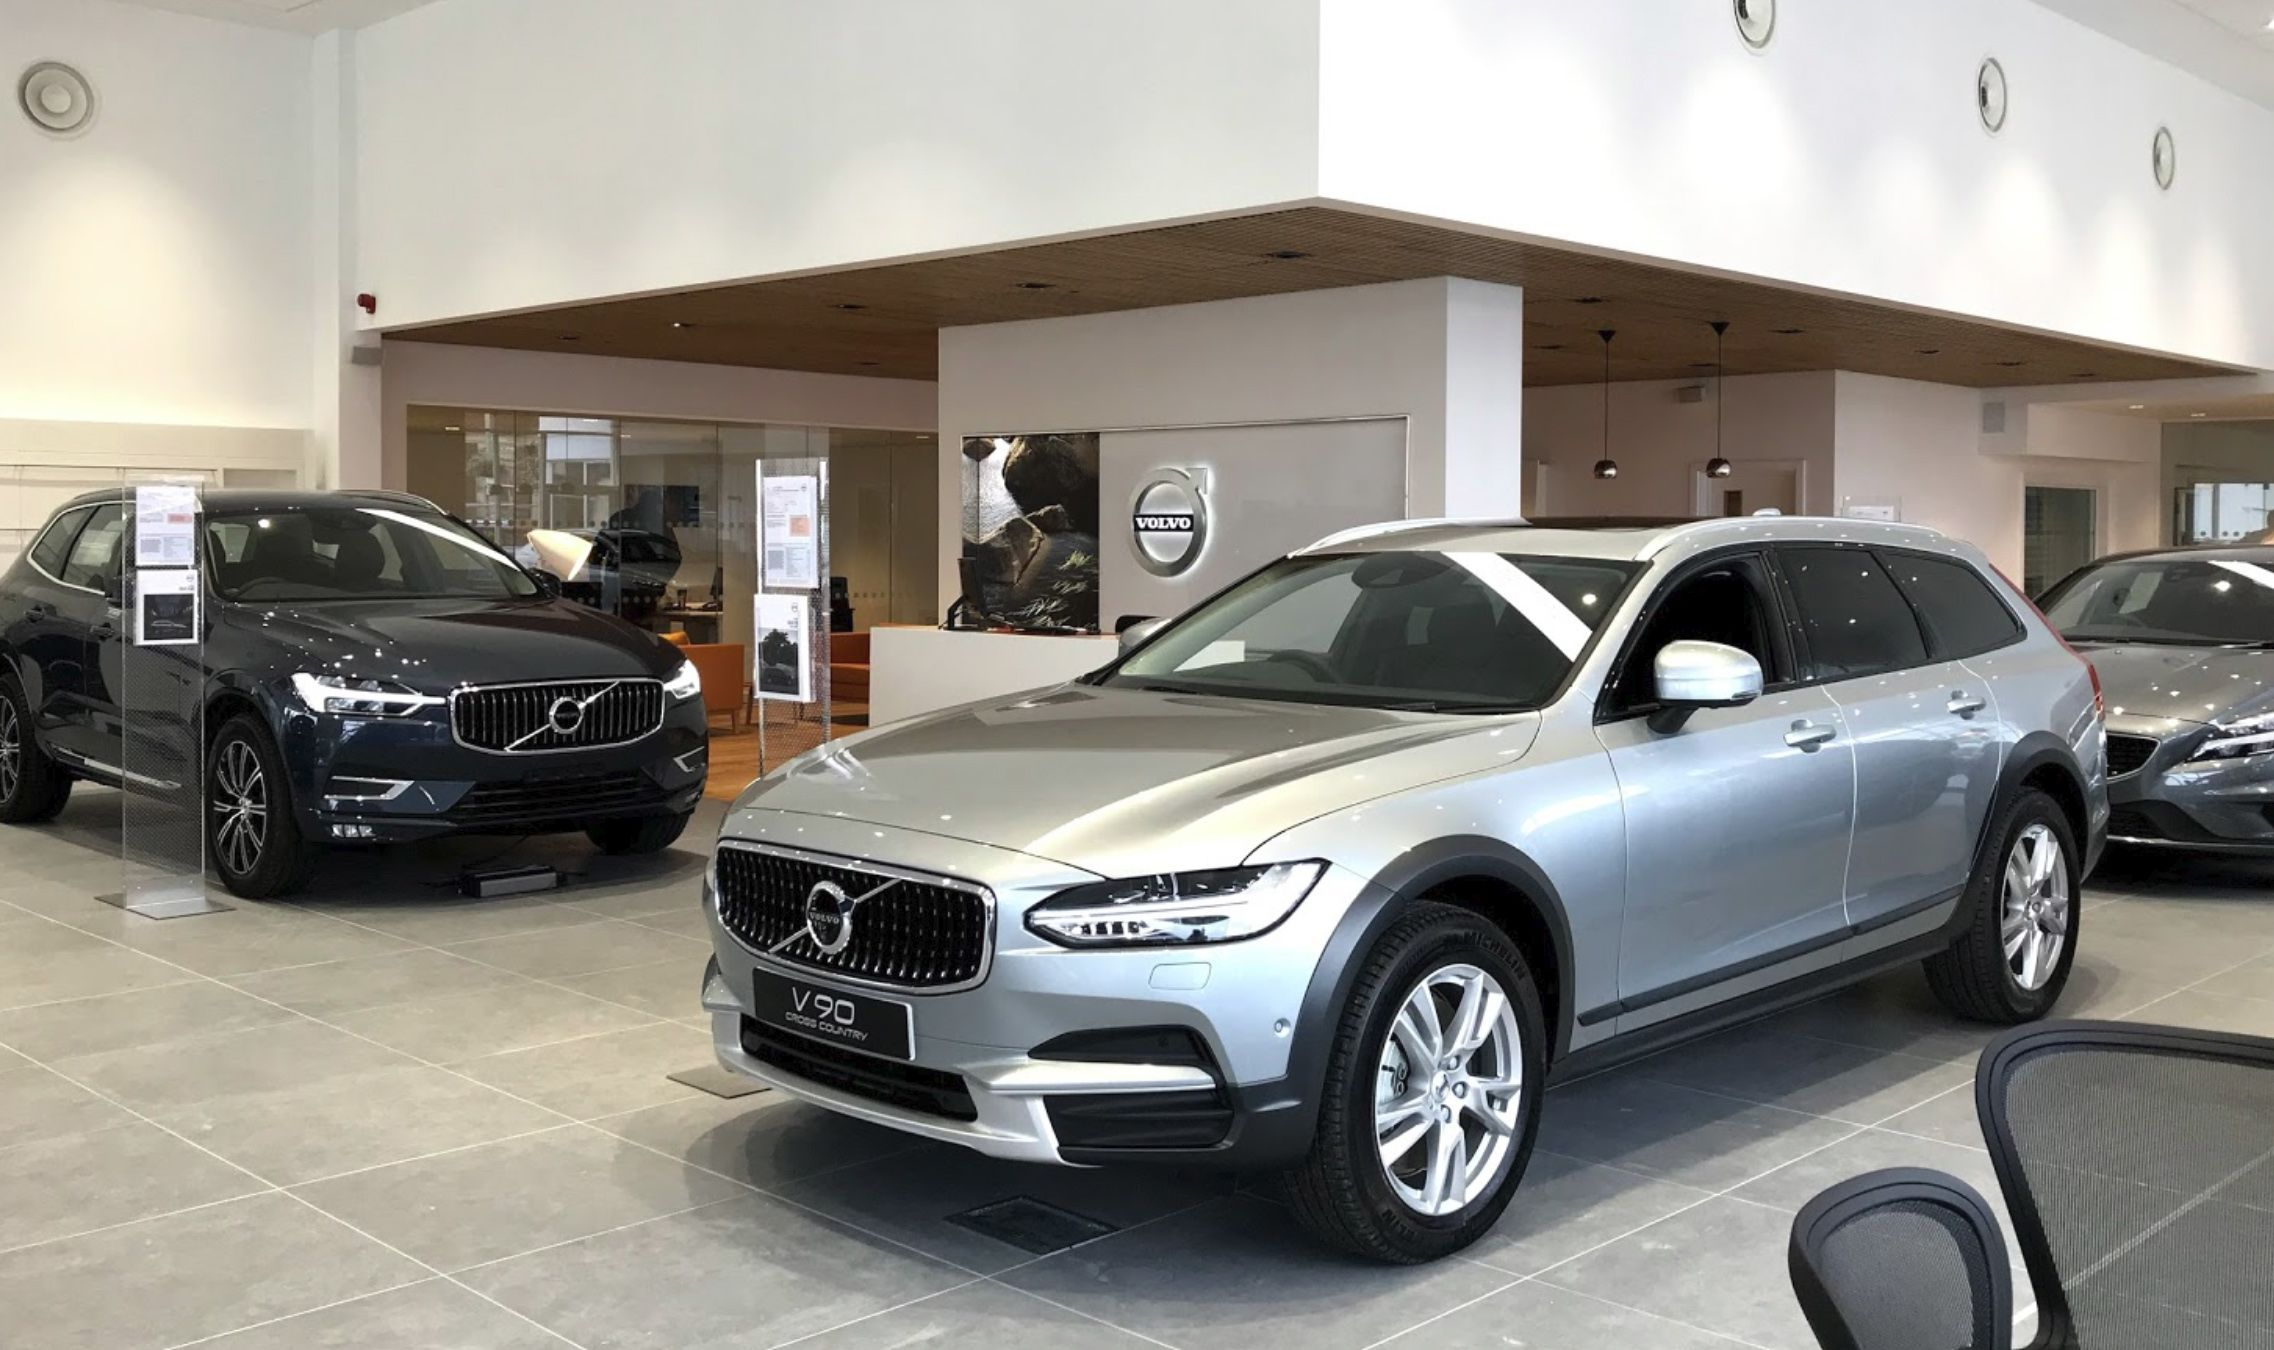 Take a 360 virtual tour of Cambridge Garage - Volvo Cars Havant by